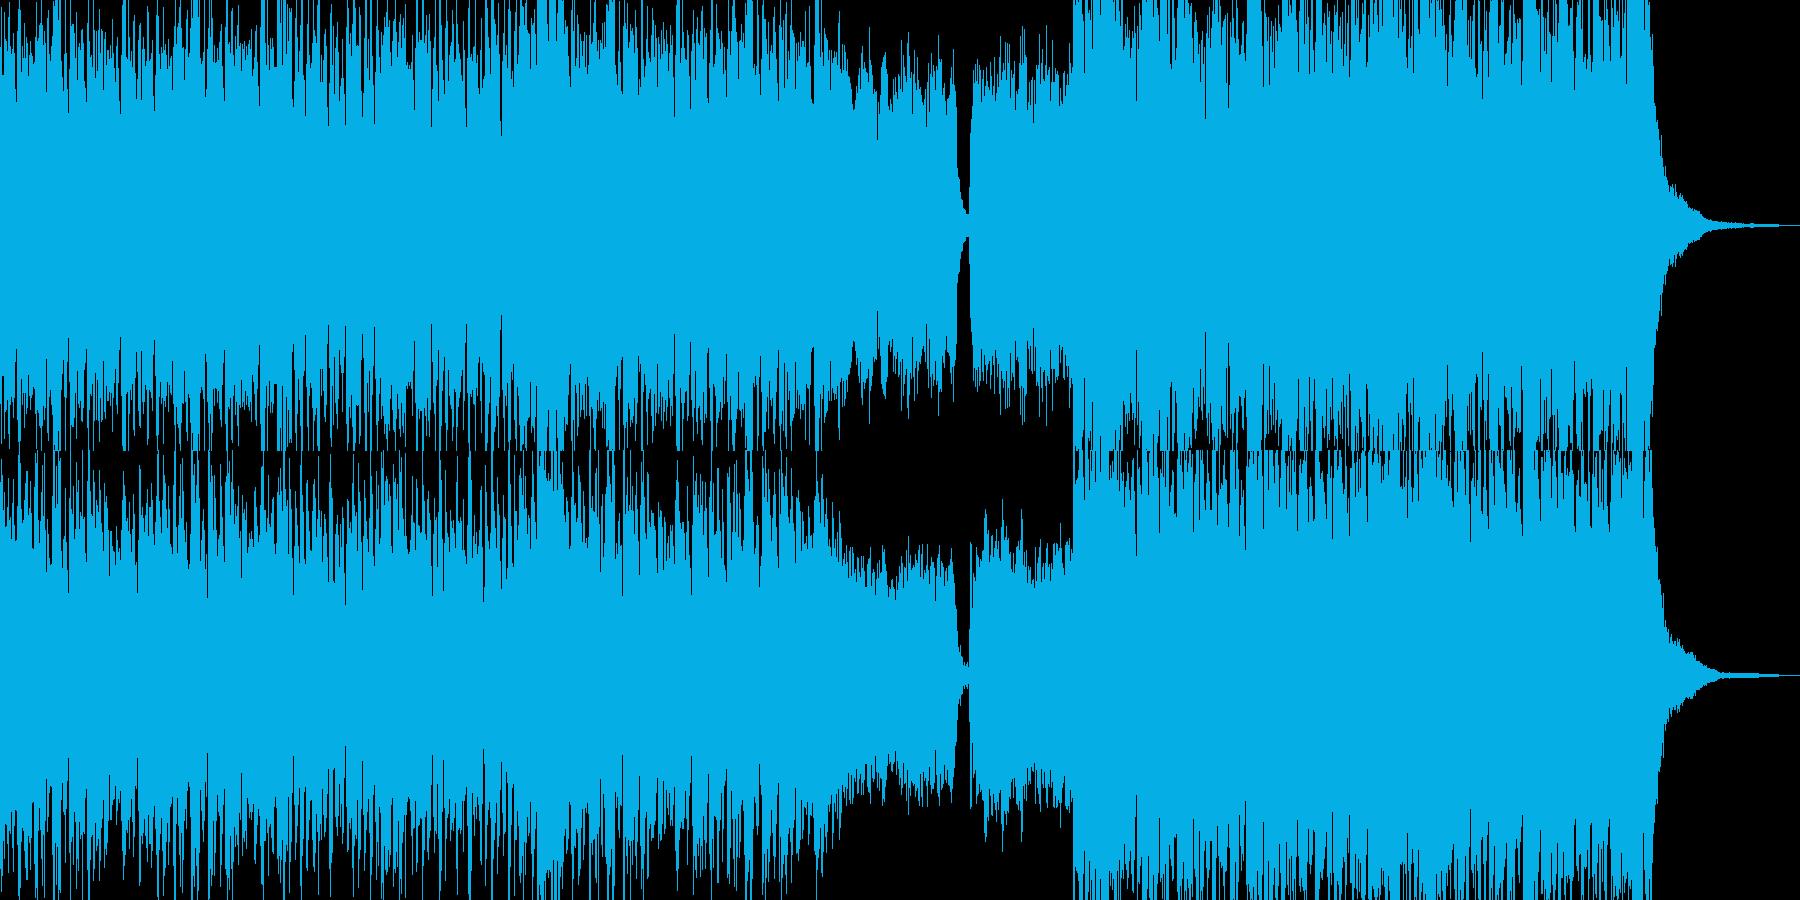 ゴージャスな雰囲気漂う日常BGMの再生済みの波形